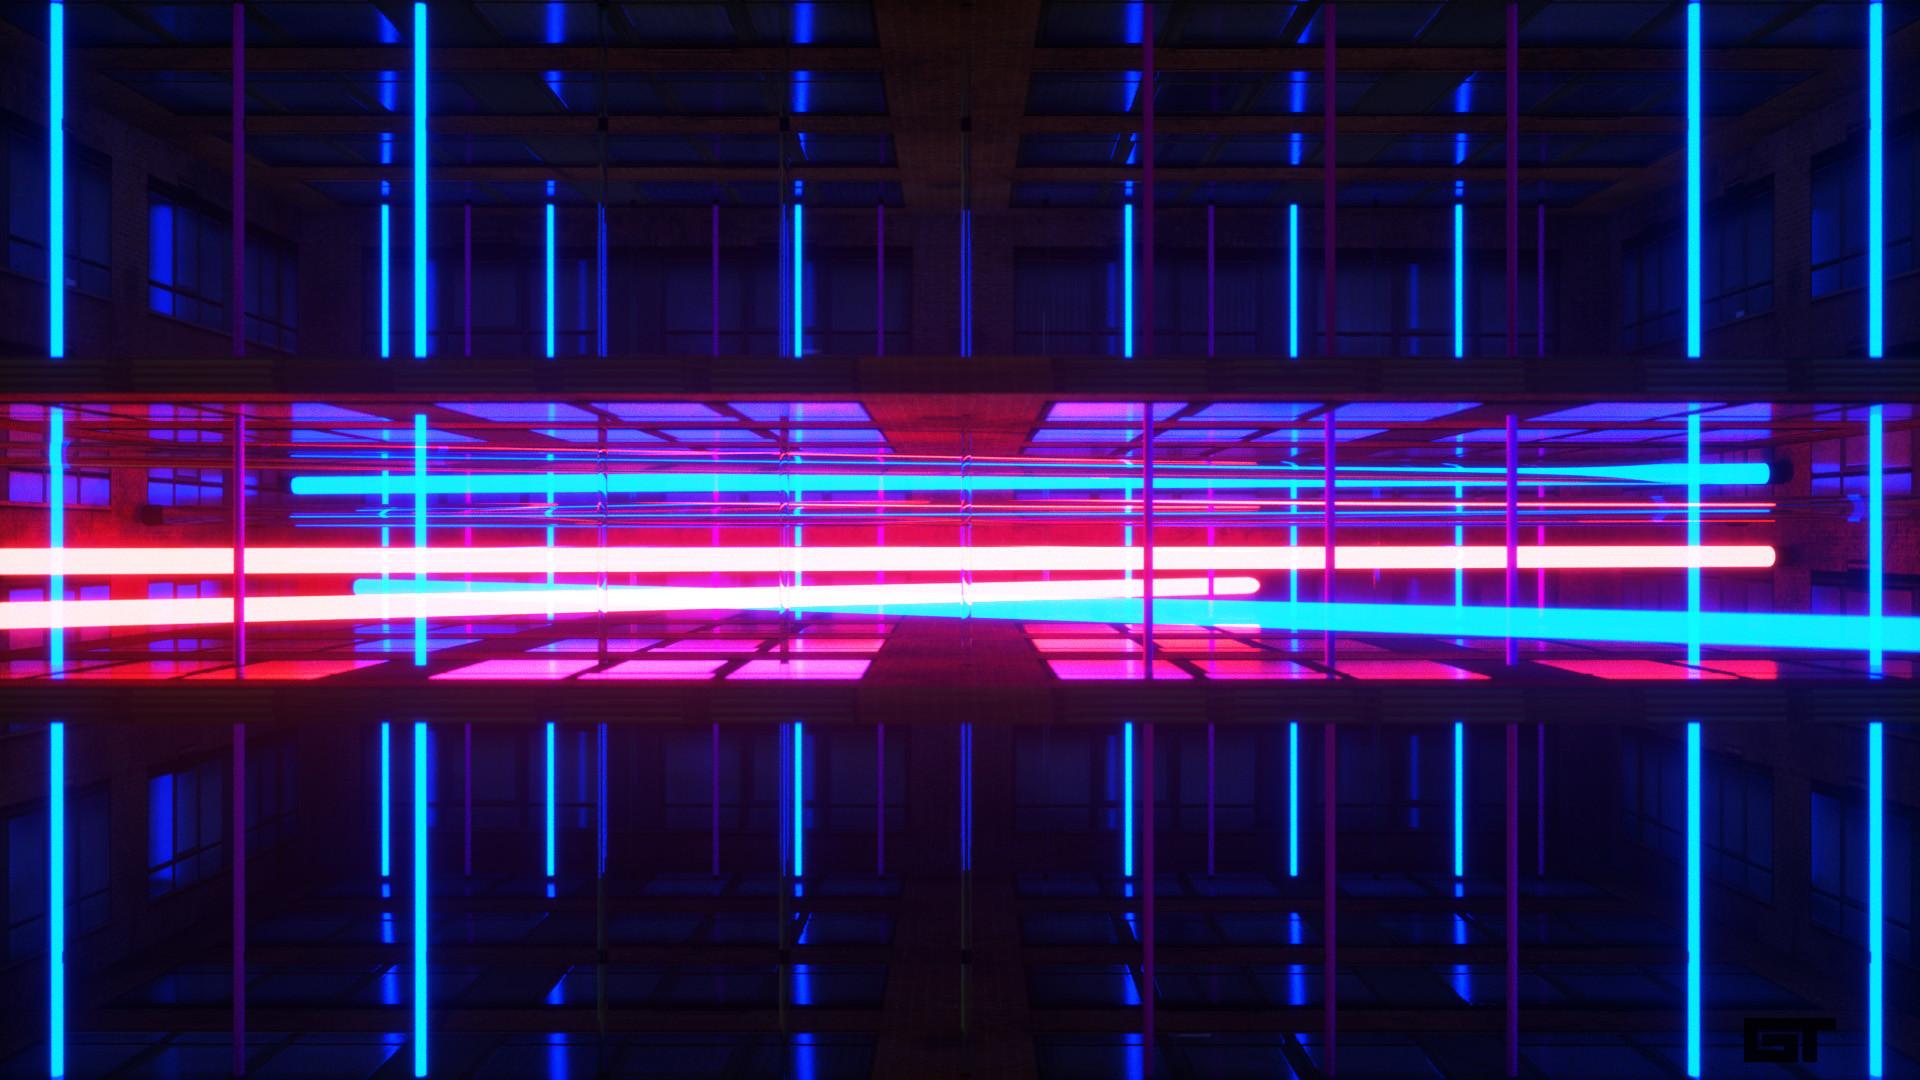 Neon 80s Wallpaper 78 Images